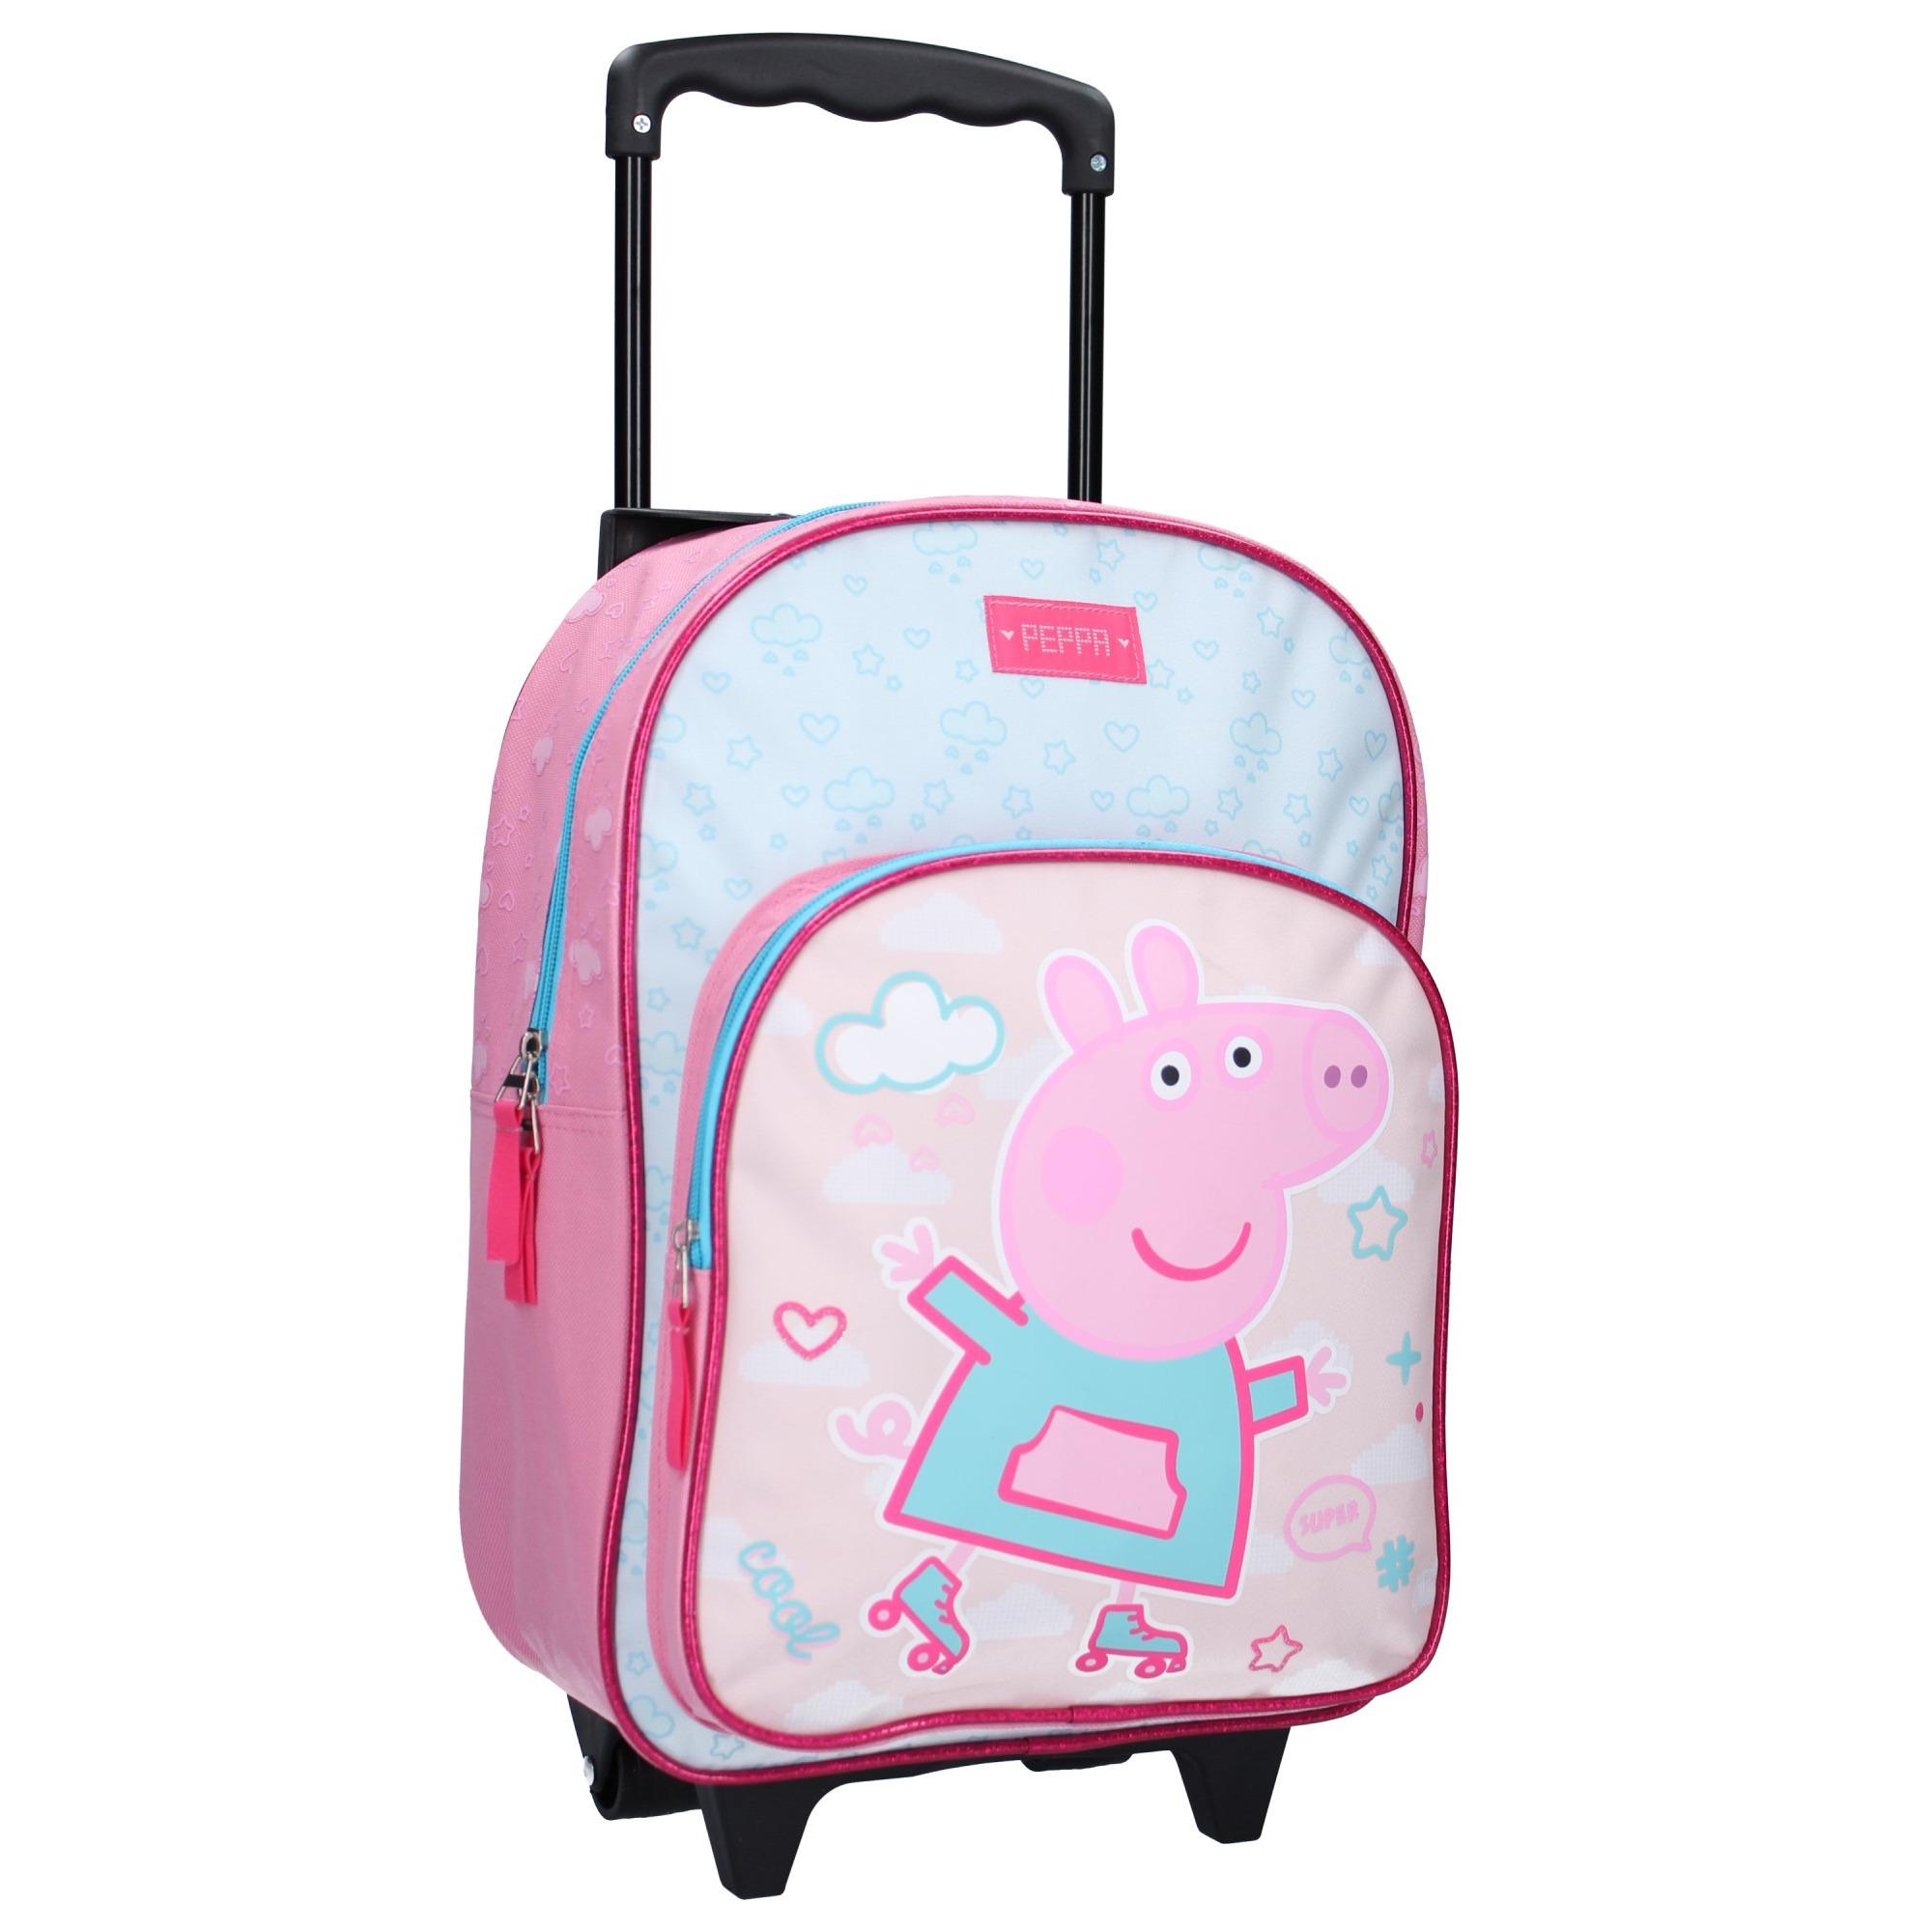 Peppa Pig koffer op wieltjes roze 38 cm voor kinderen